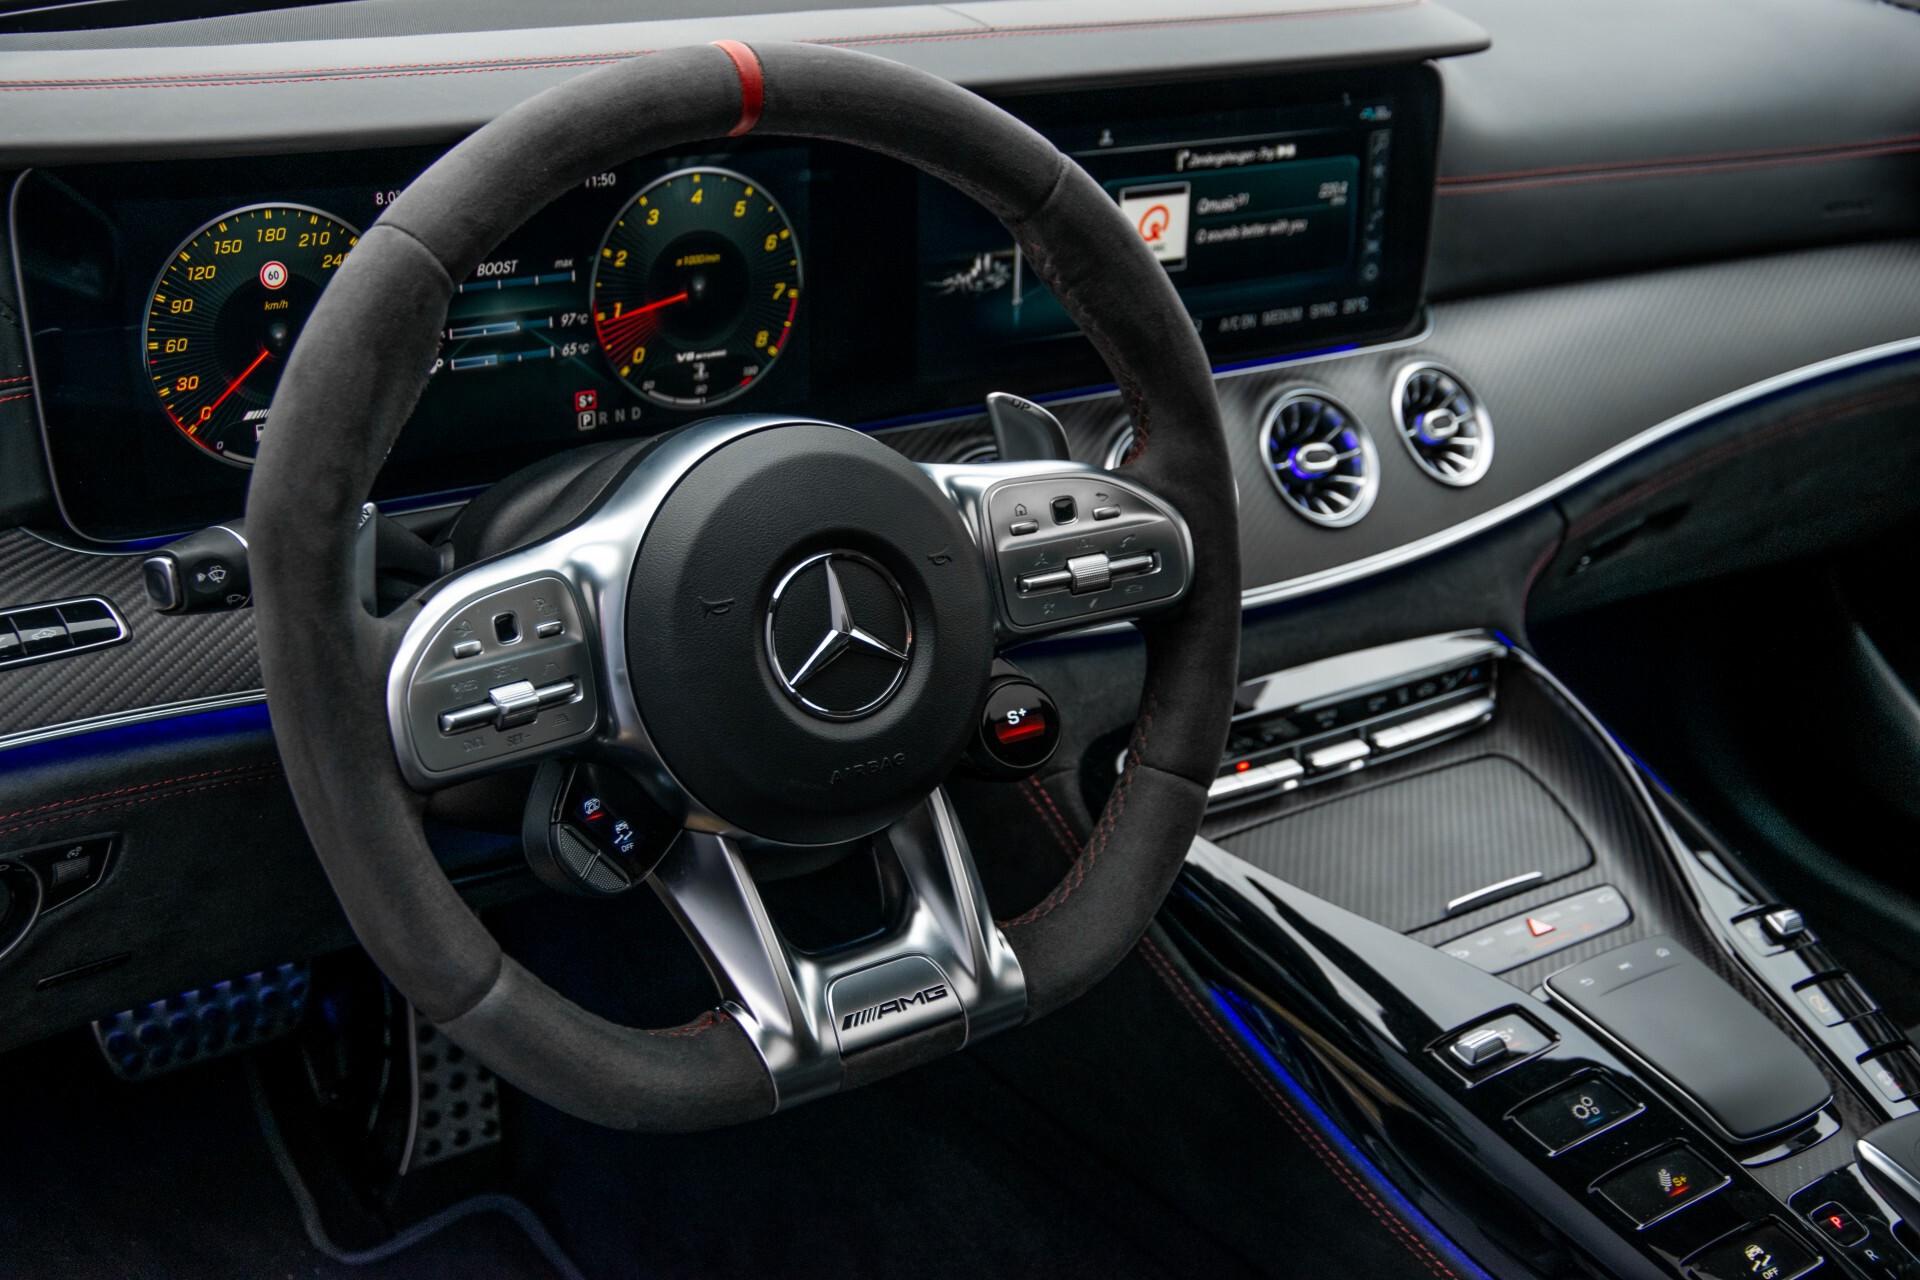 Mercedes-Benz AMG GT 4-Door Coupe 63 S 4M+ Keramisch/Full Carbon/Aerodynamica/Burmester 3D/TV/Performance stoelen/Standkachel Aut9 Foto 18